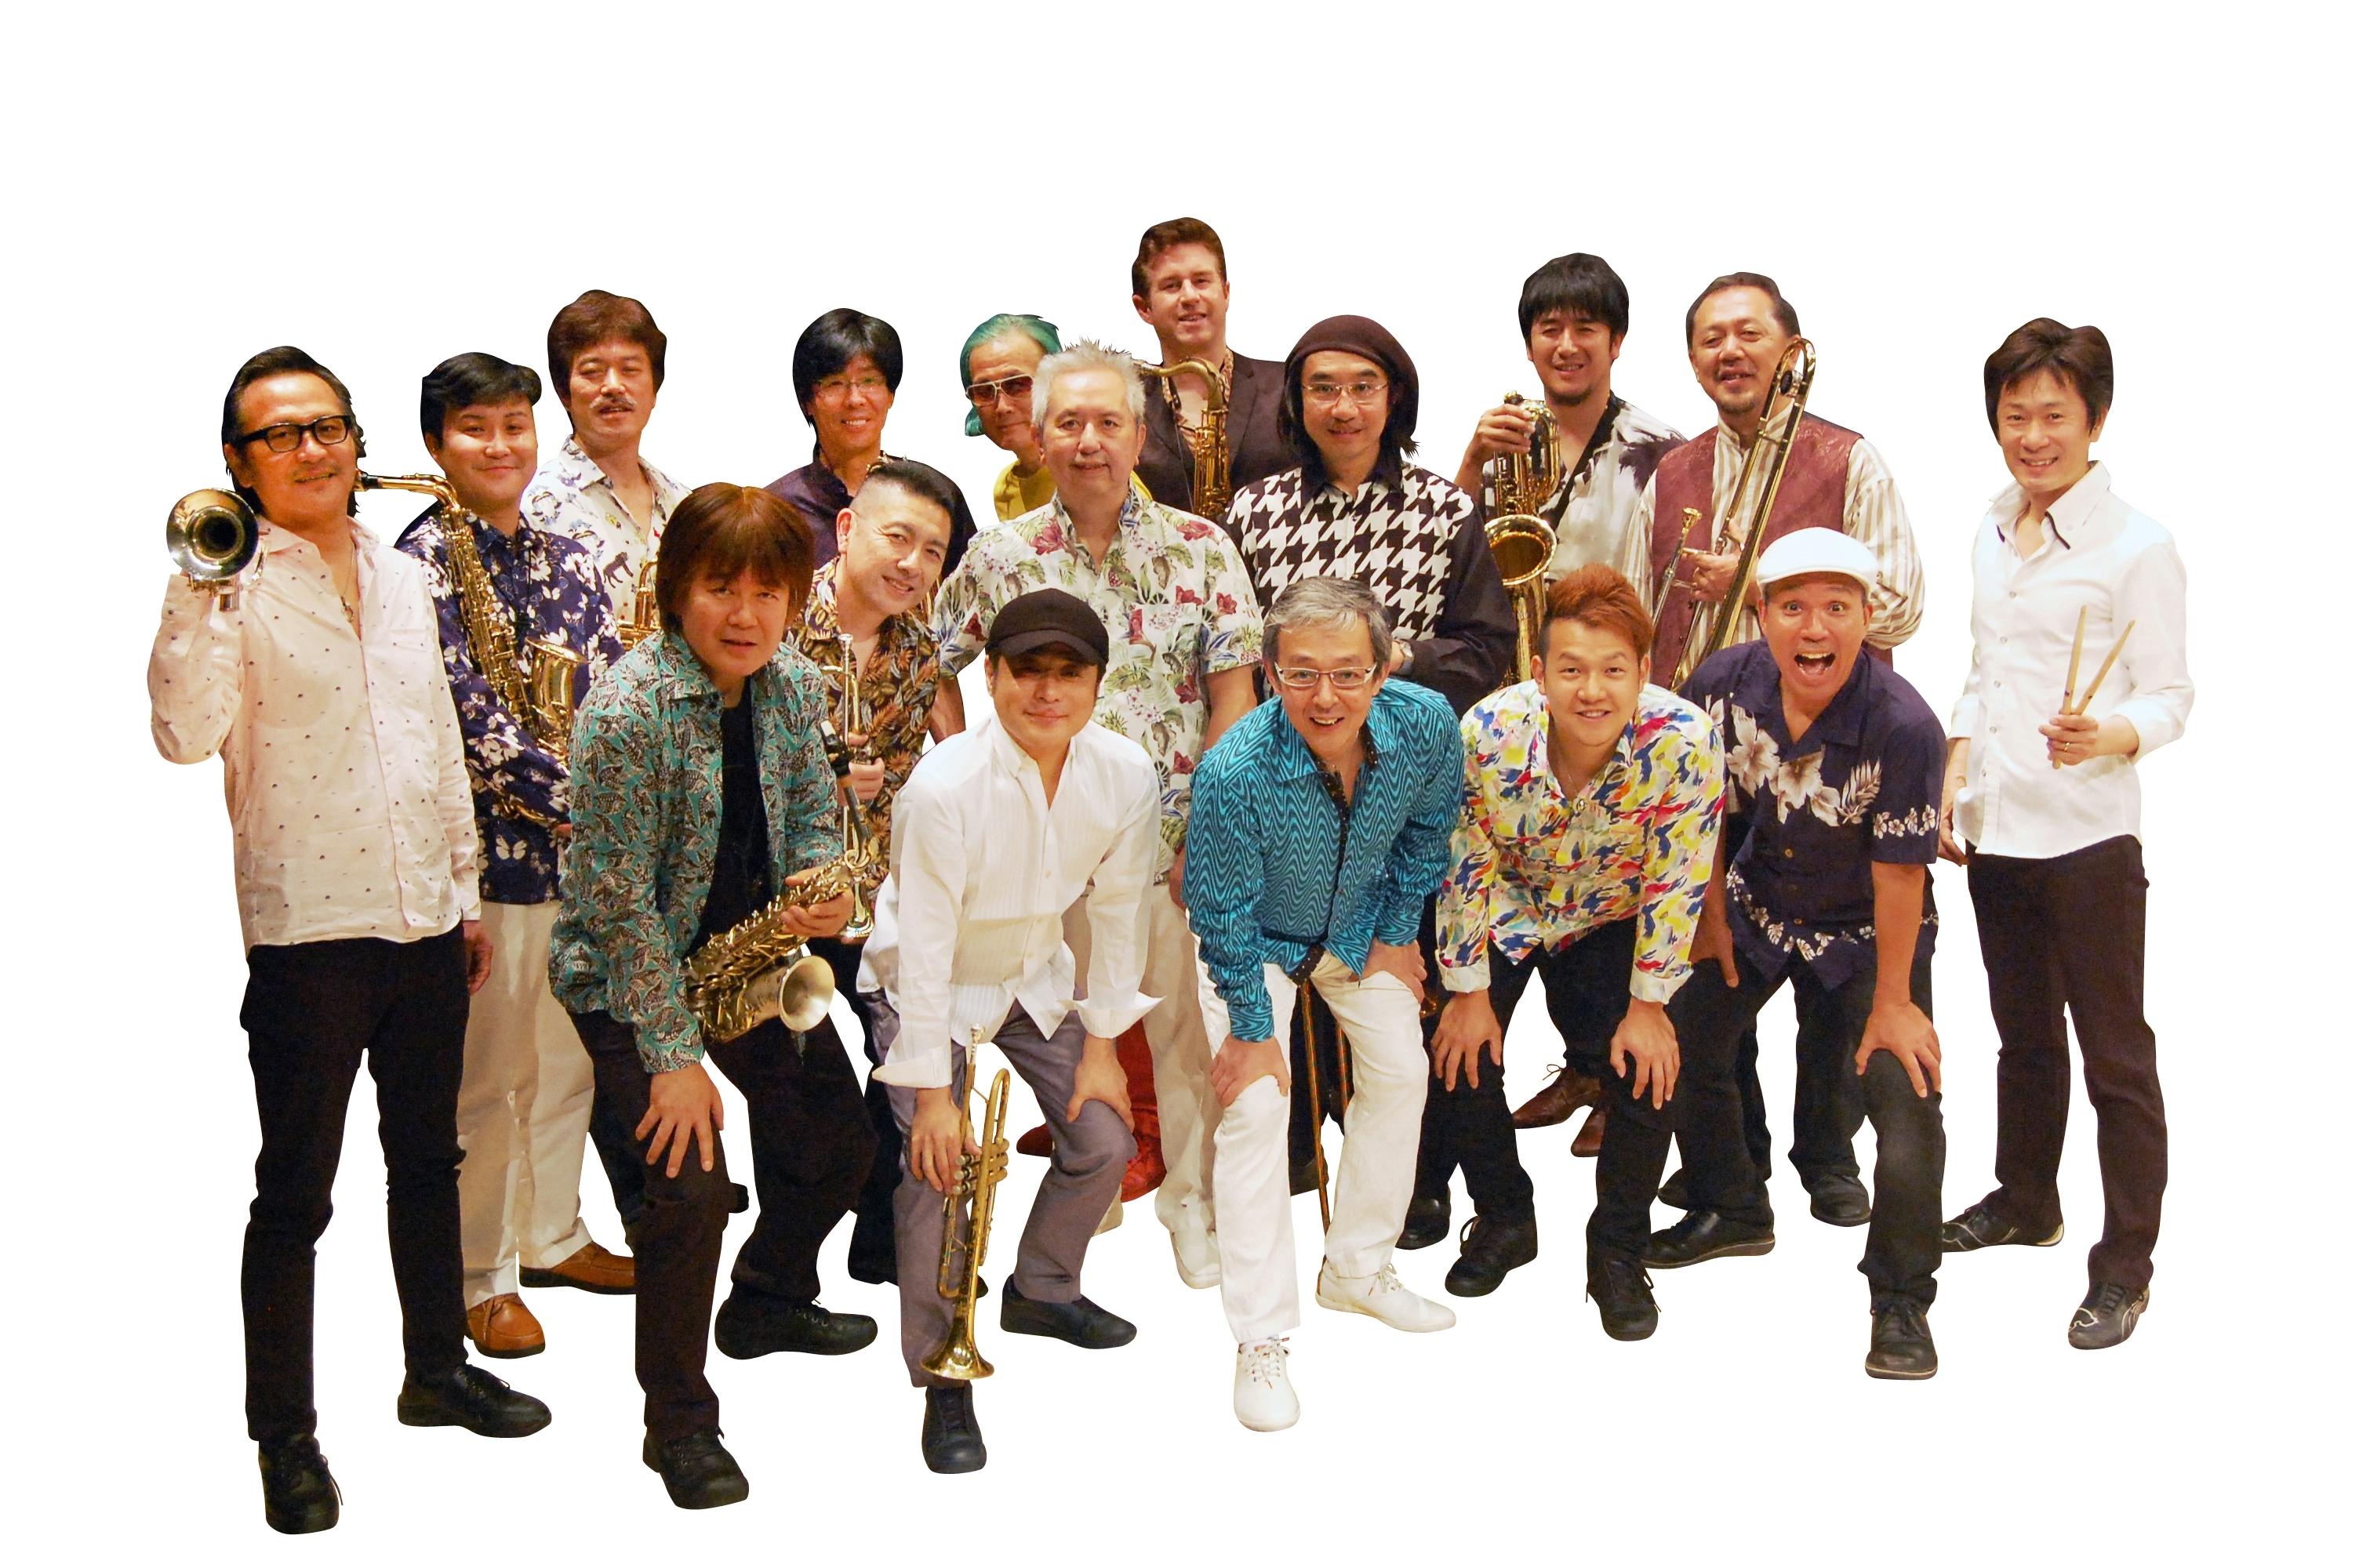 熱帯JAZZ楽団25周年記念アルバムプロジェクト